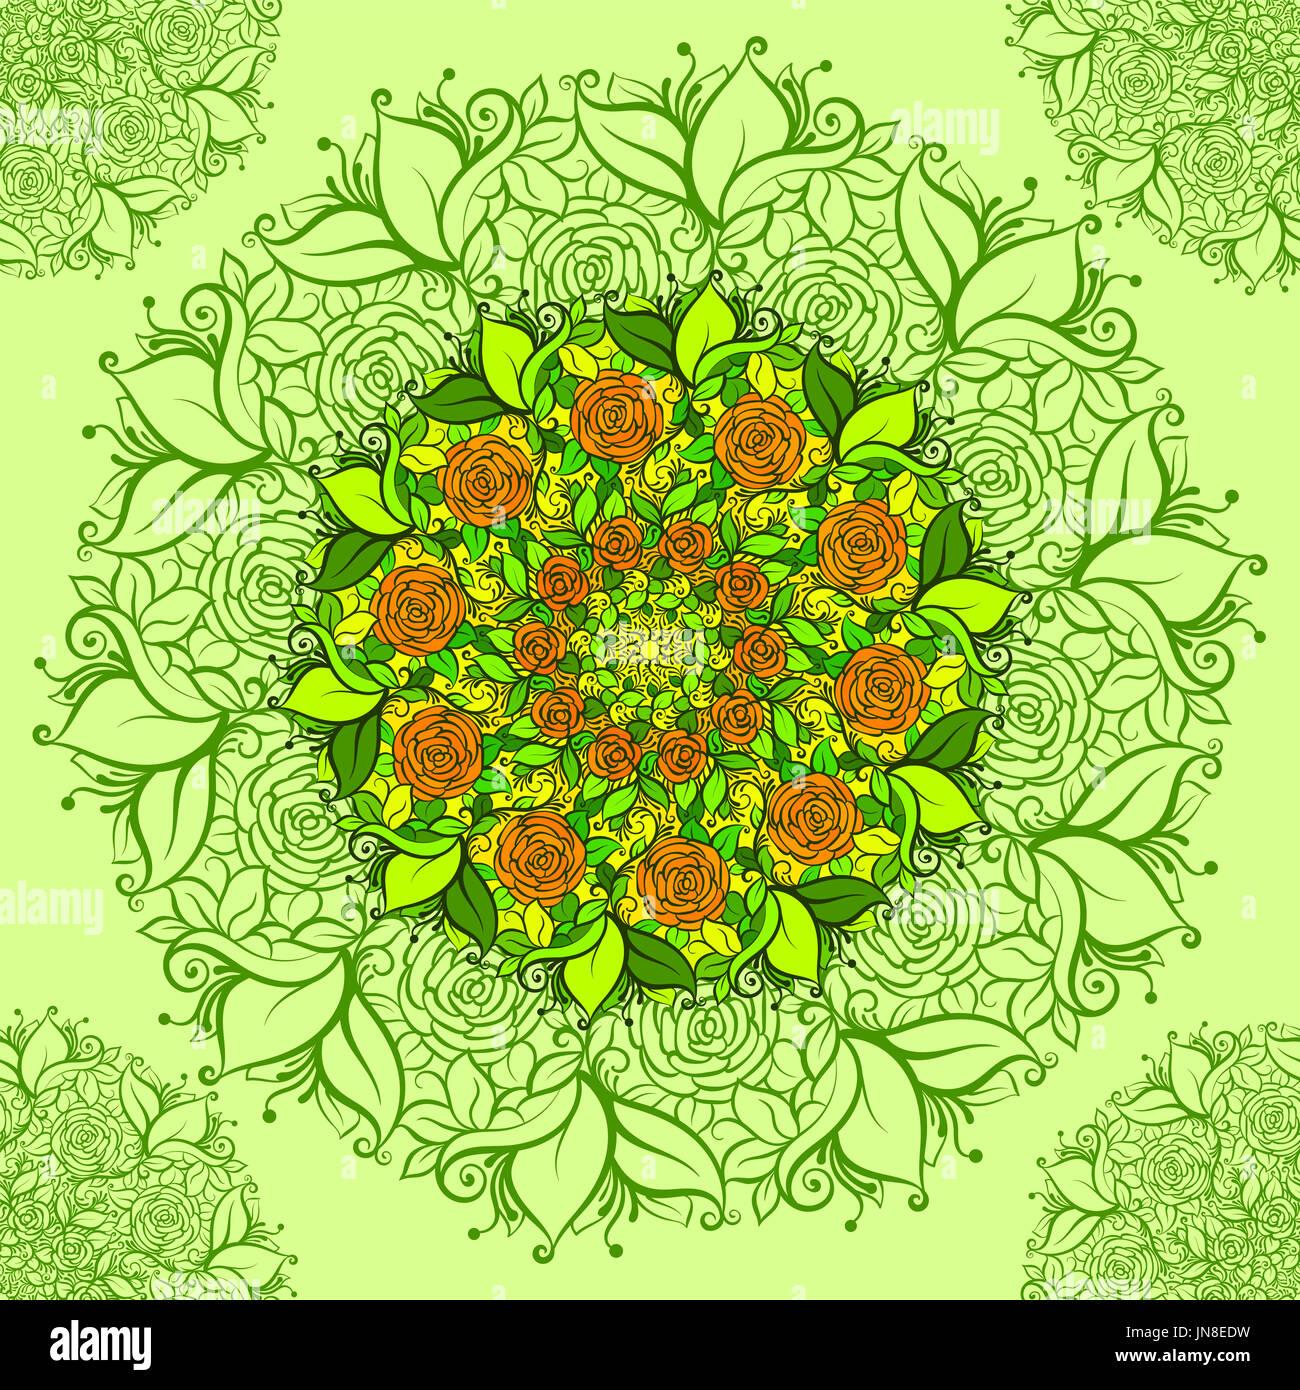 Outline Boho Flower Imágenes De Stock & Outline Boho Flower Fotos De ...